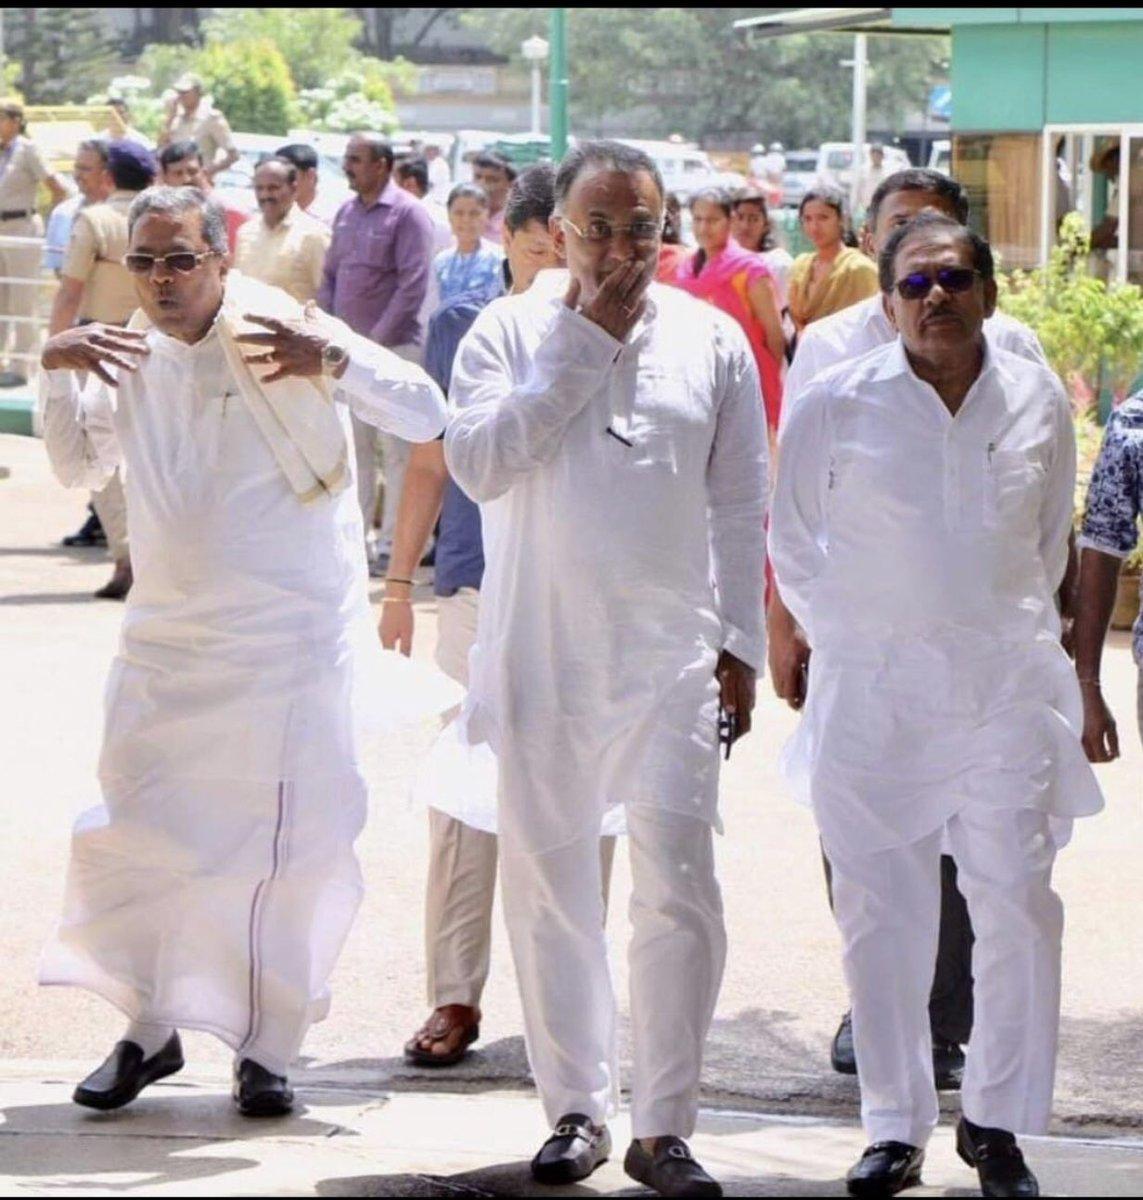 എം.എല്.എമാരെ വിഴുങ്ങുന്ന  രാഷ്ട്രീയ പെരുമ്പാമ്പ്